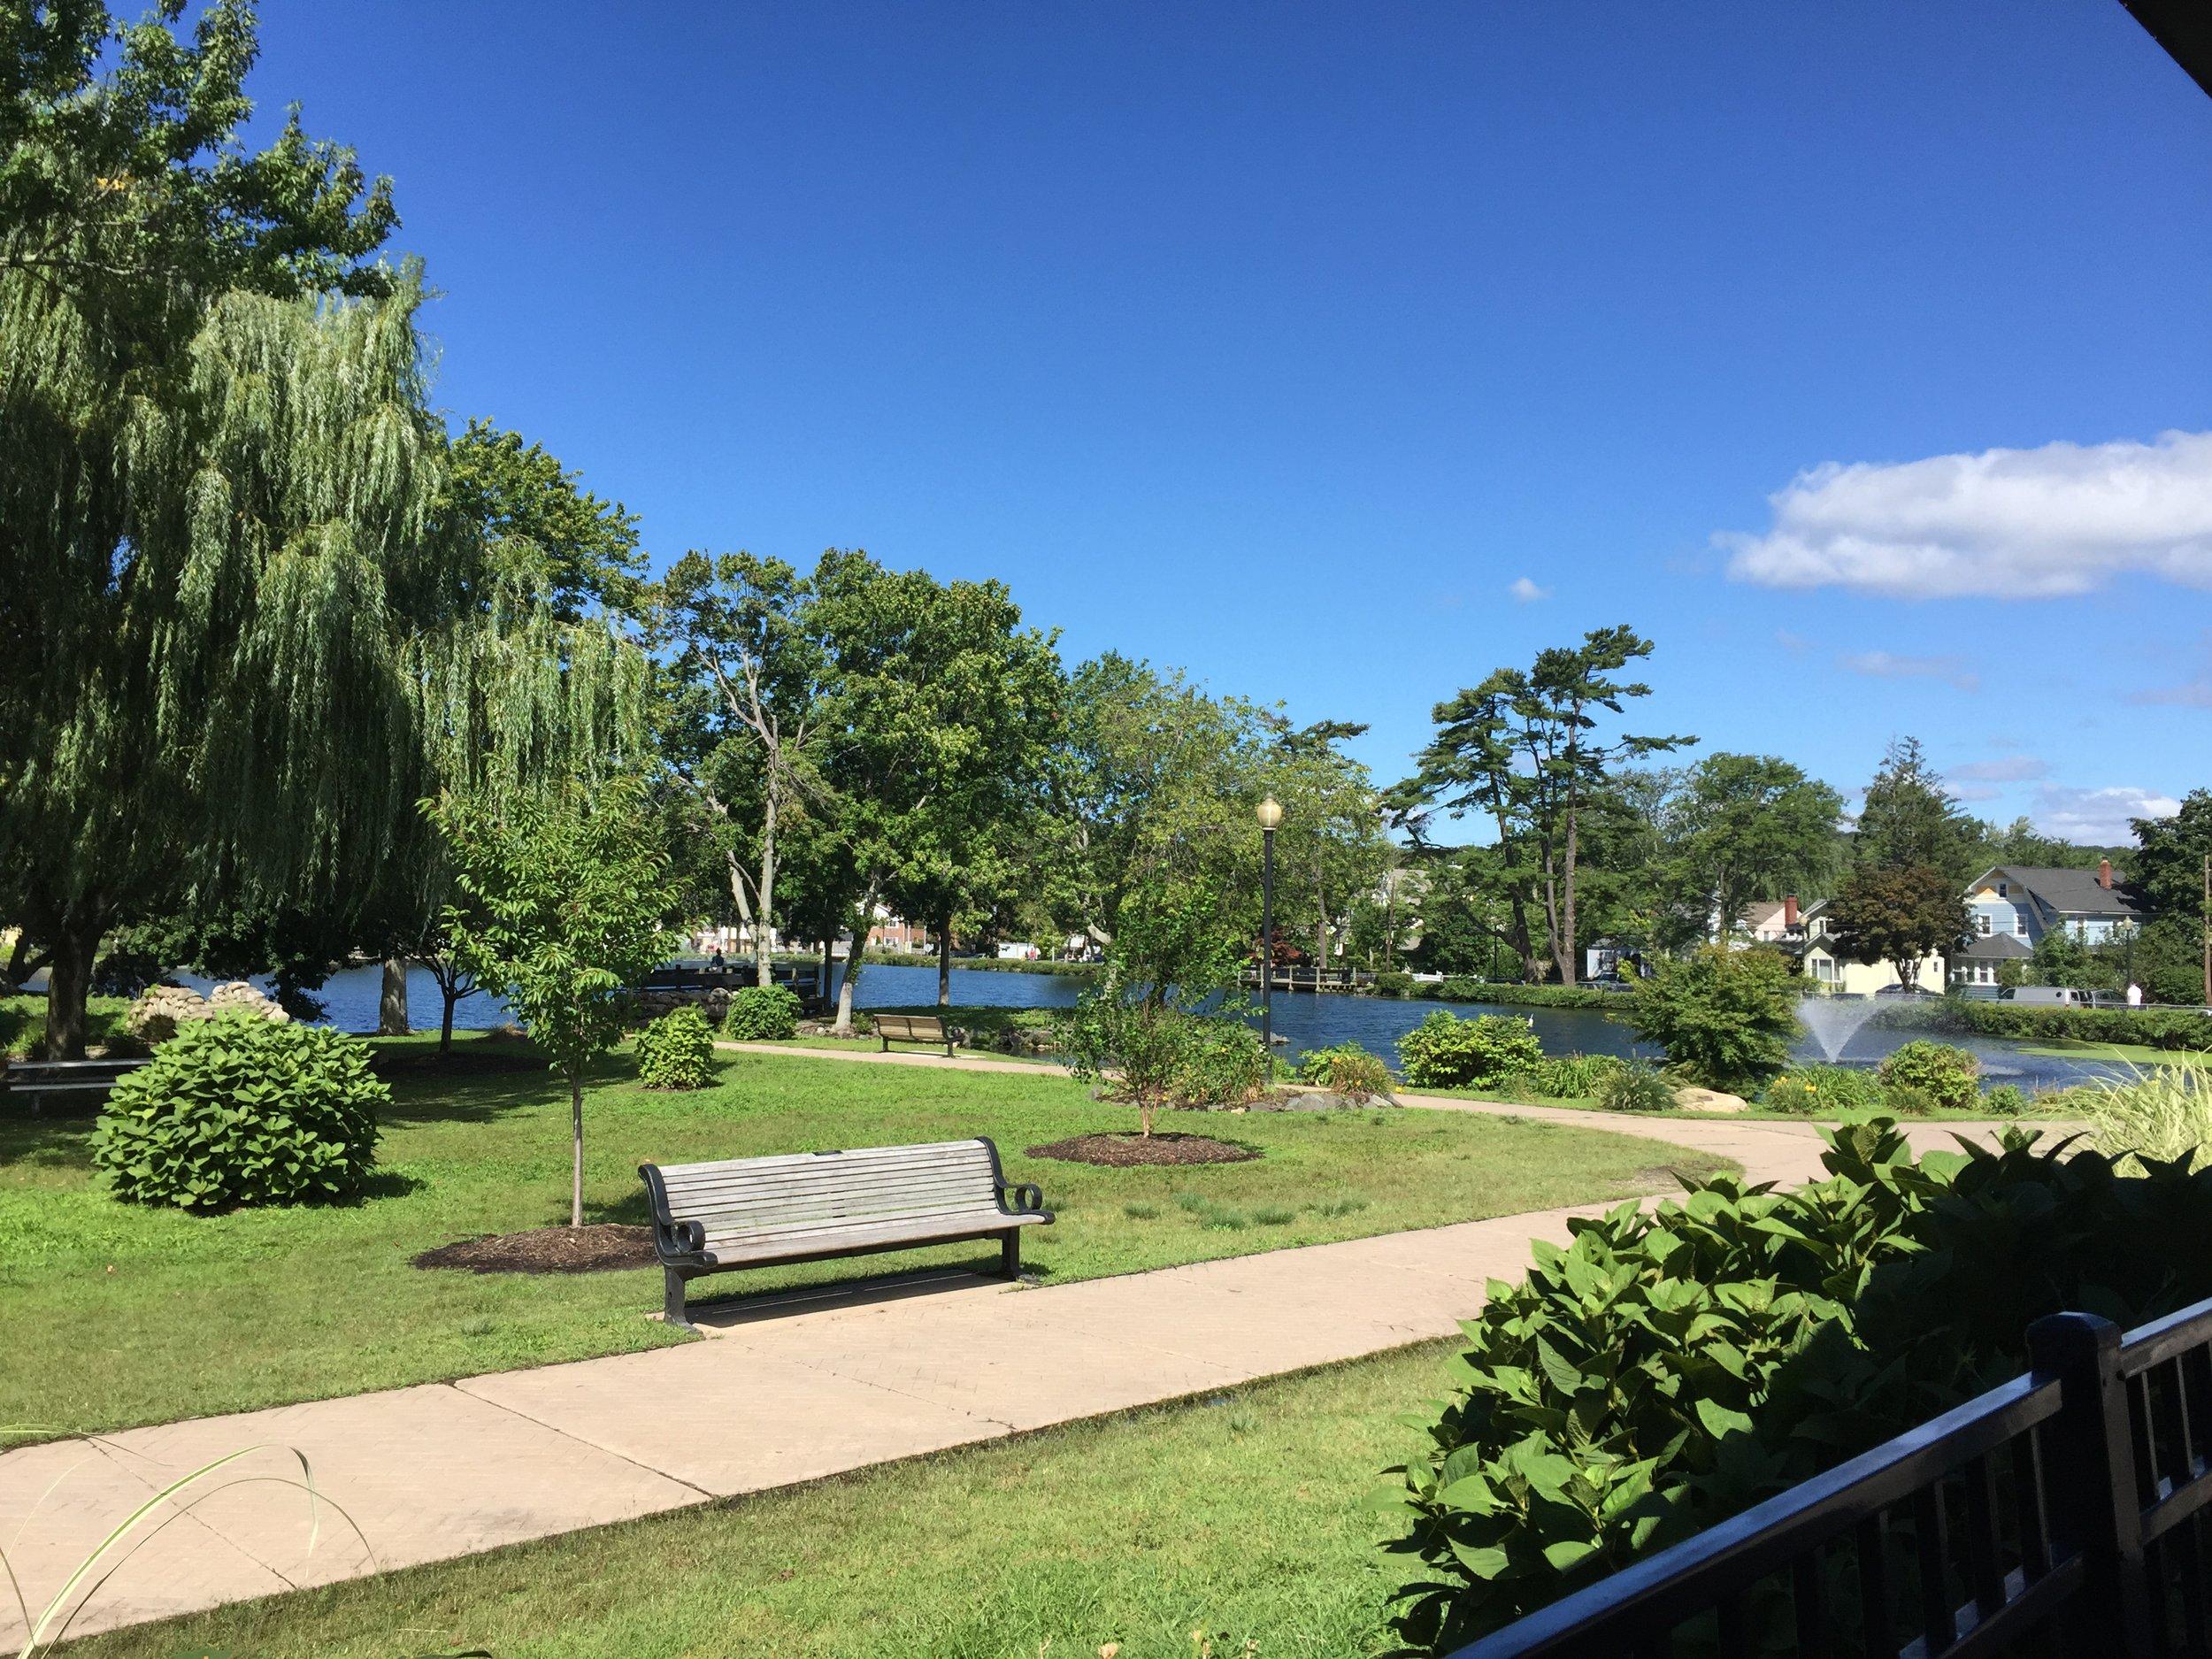 The view at Heckscher Park